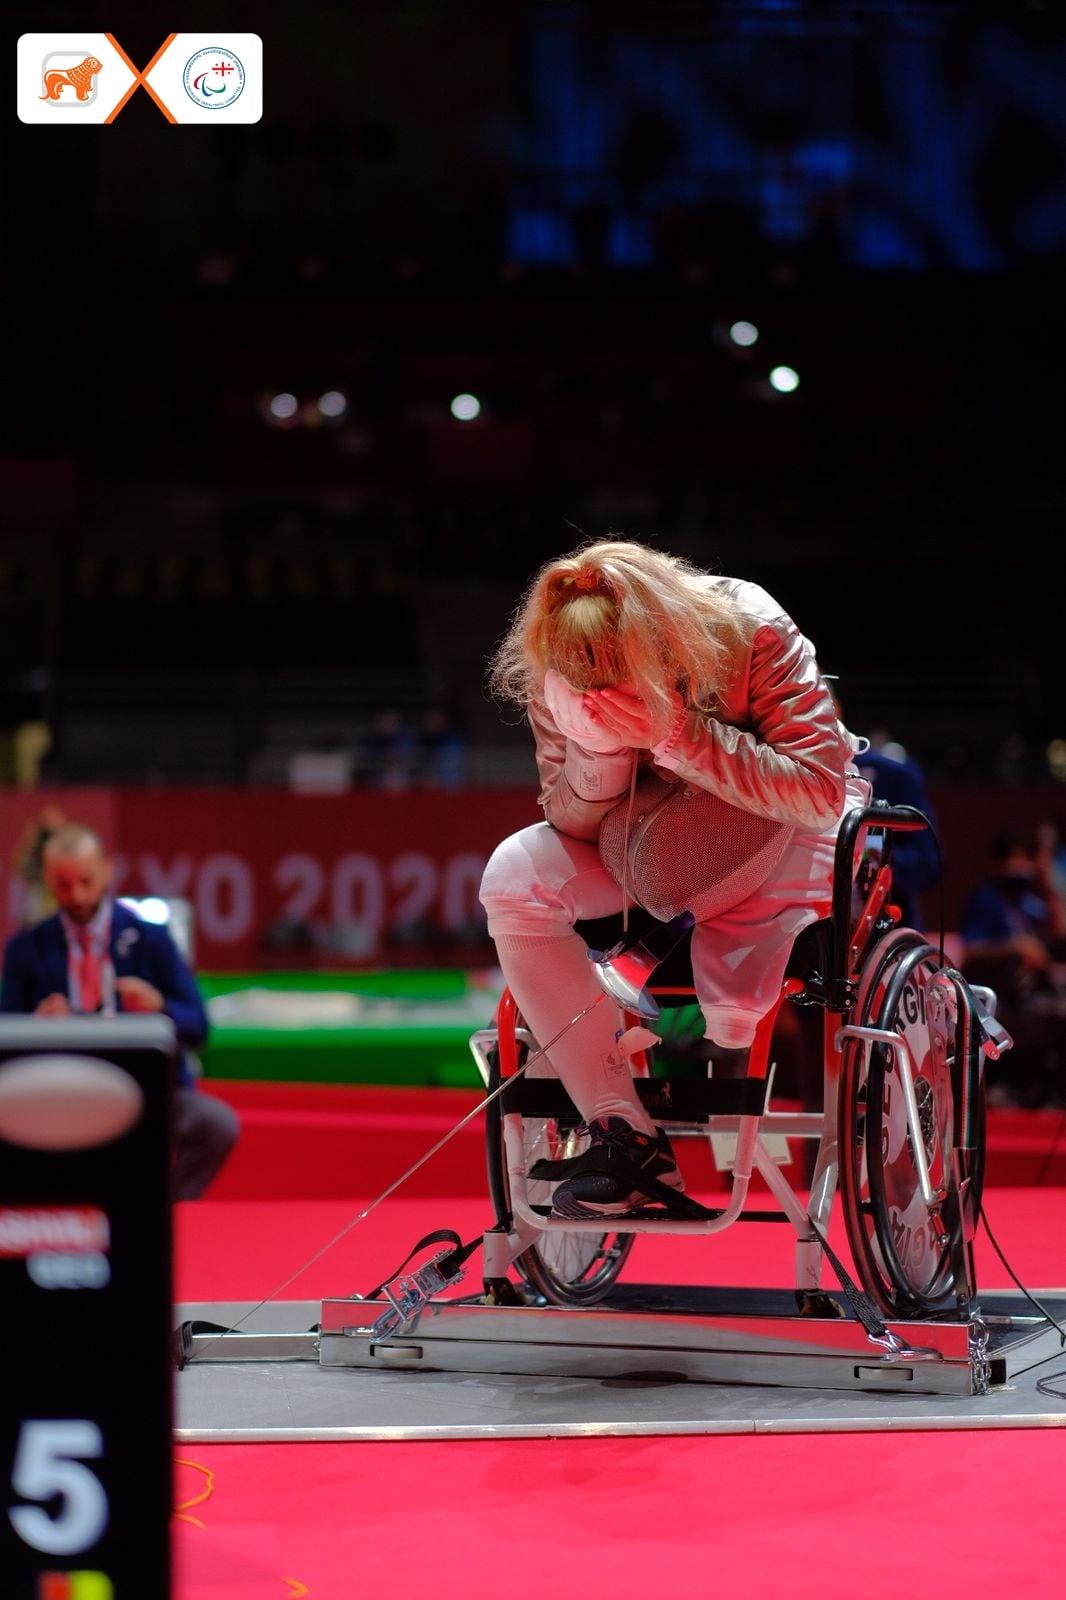 240360626 6113706215338545 4633102393996393027 n #новости Нино Тибилашвили, паралимпиада в Токио, спорт, фехтование